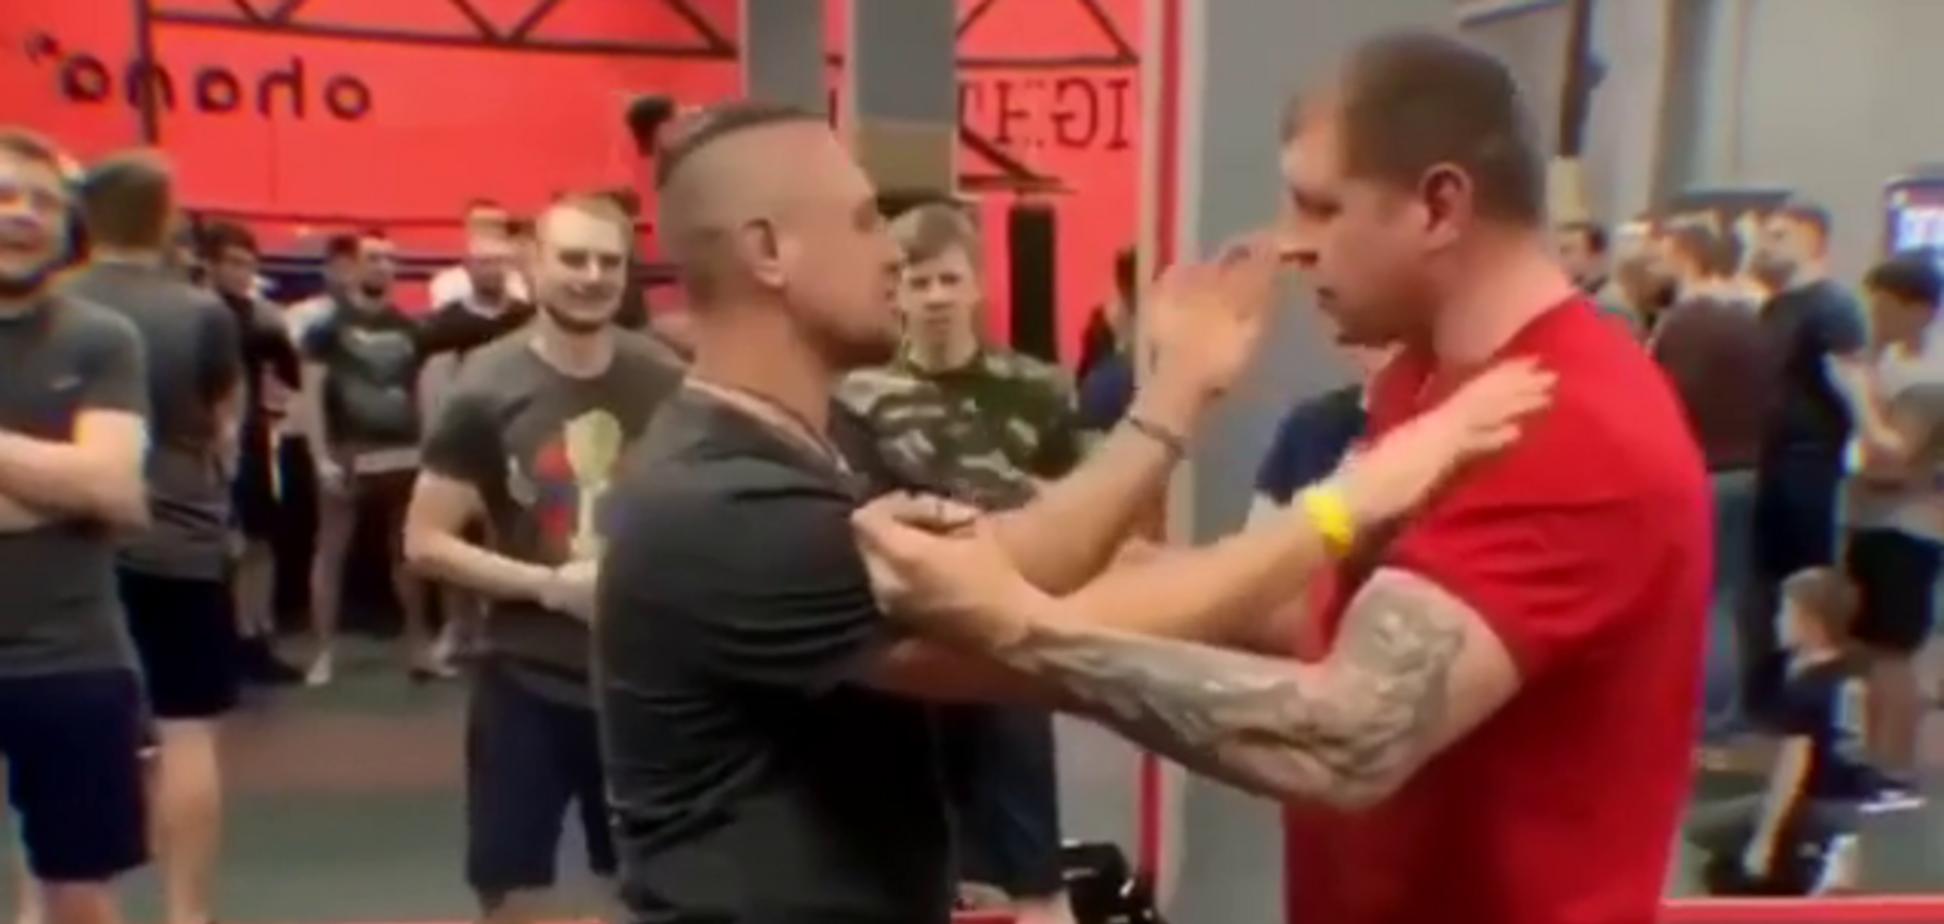 'Пьяное быдло' Емельяненко совершил хамский поступок и поплатился — опубликовано видео